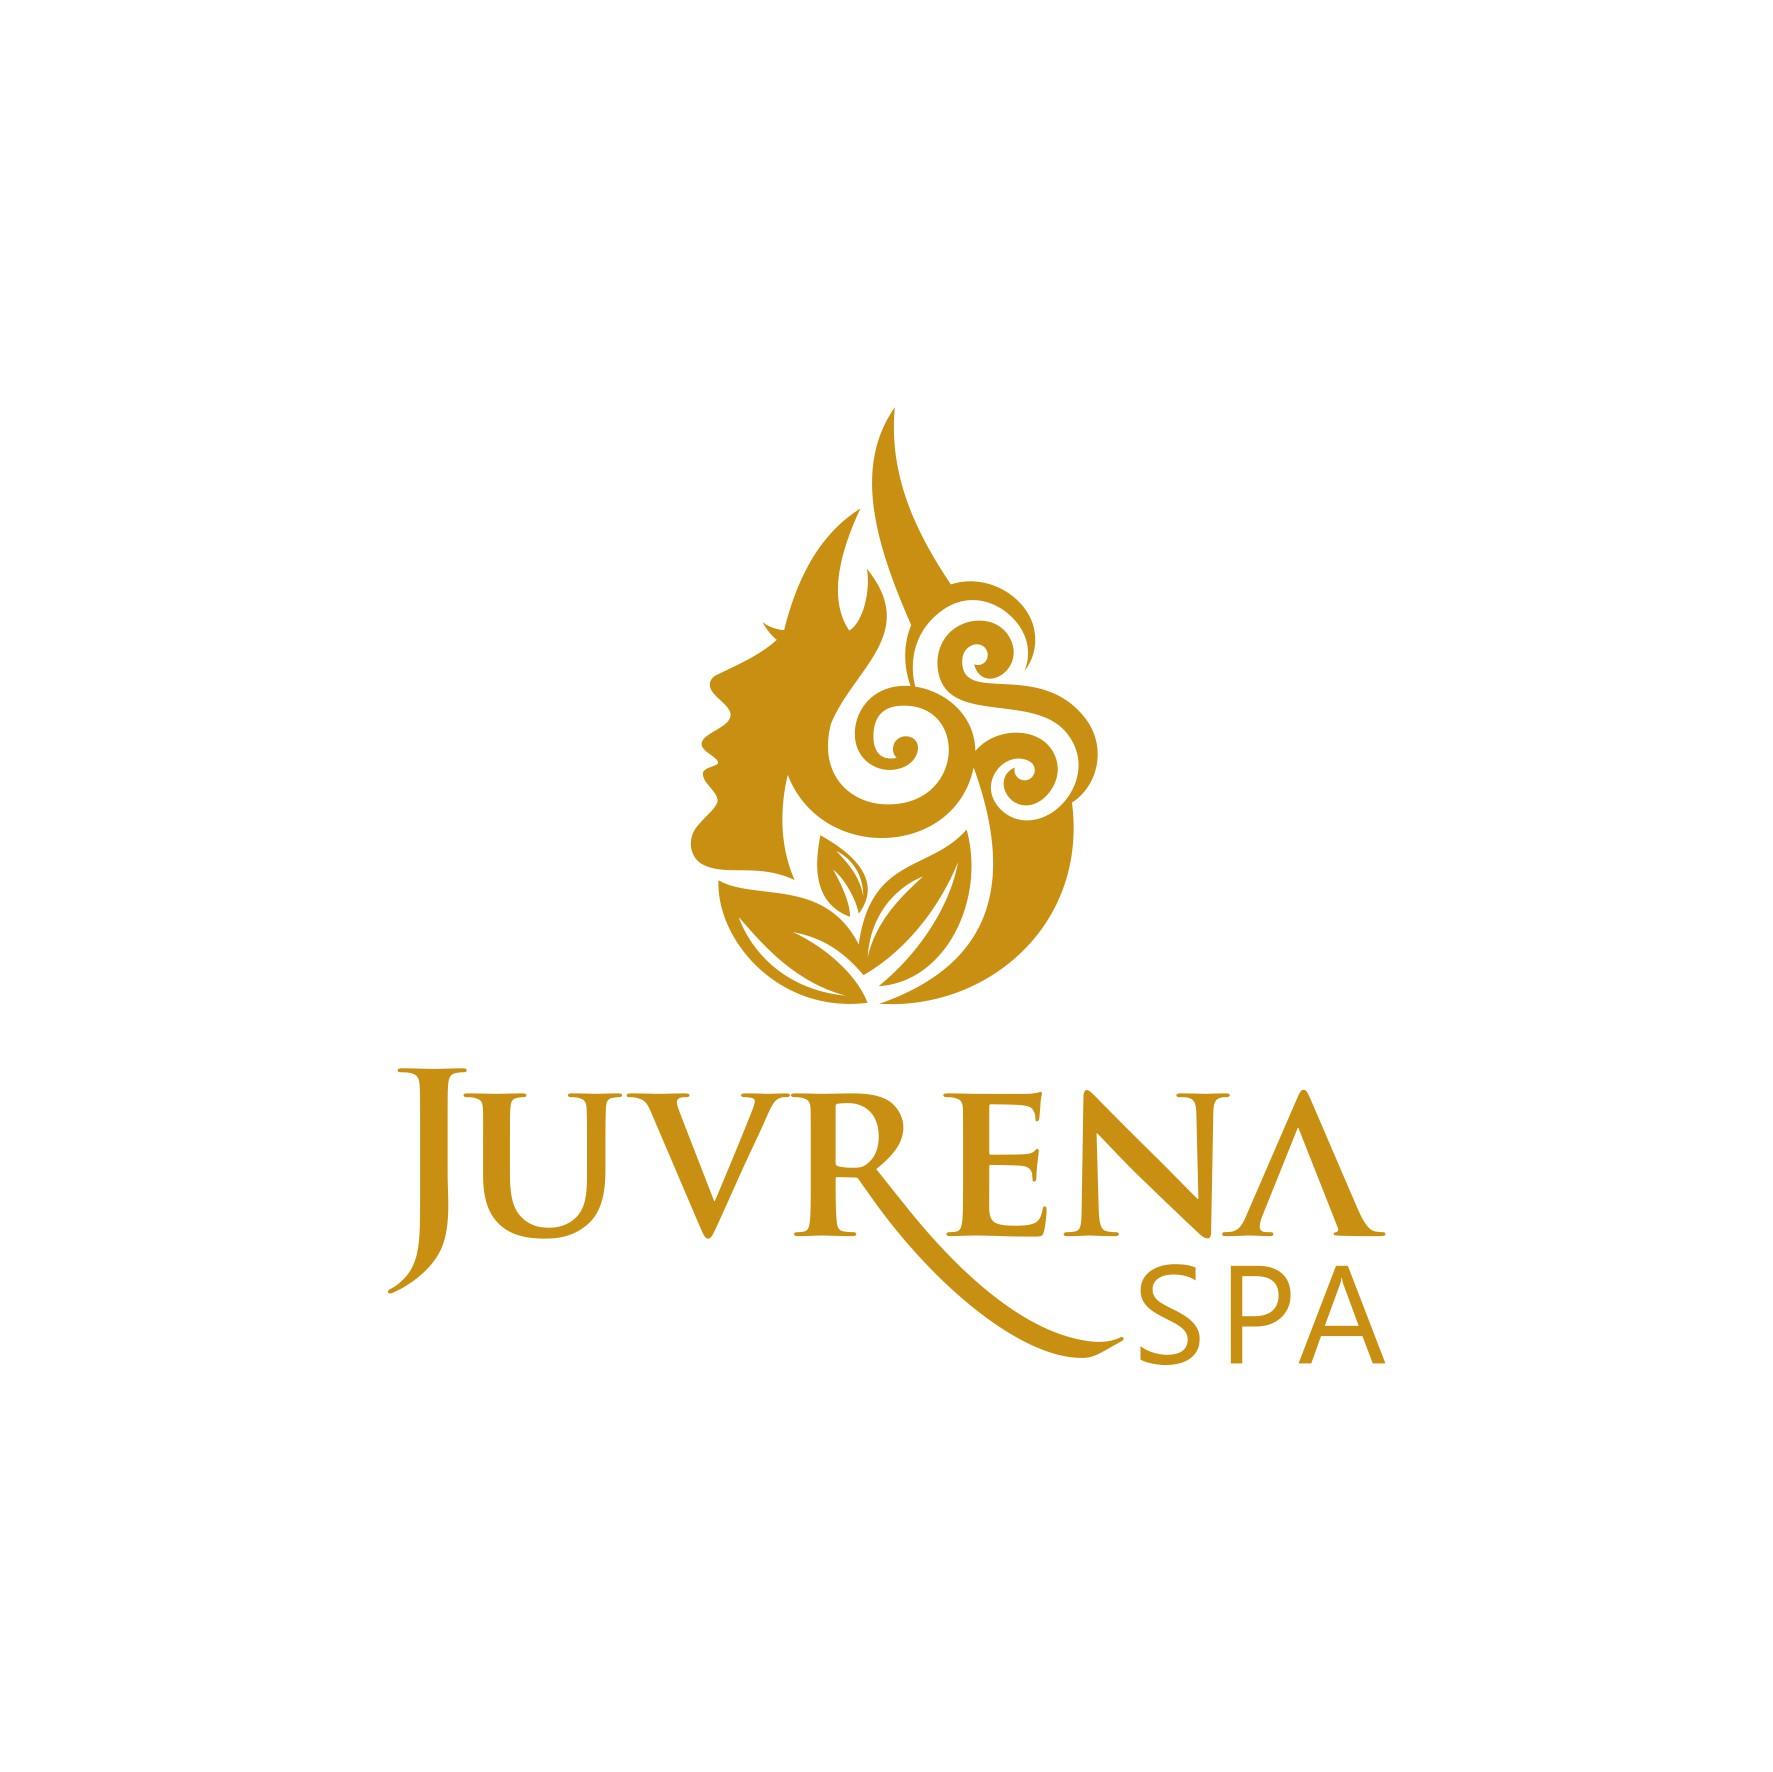 Juvrena Spa Skin Care